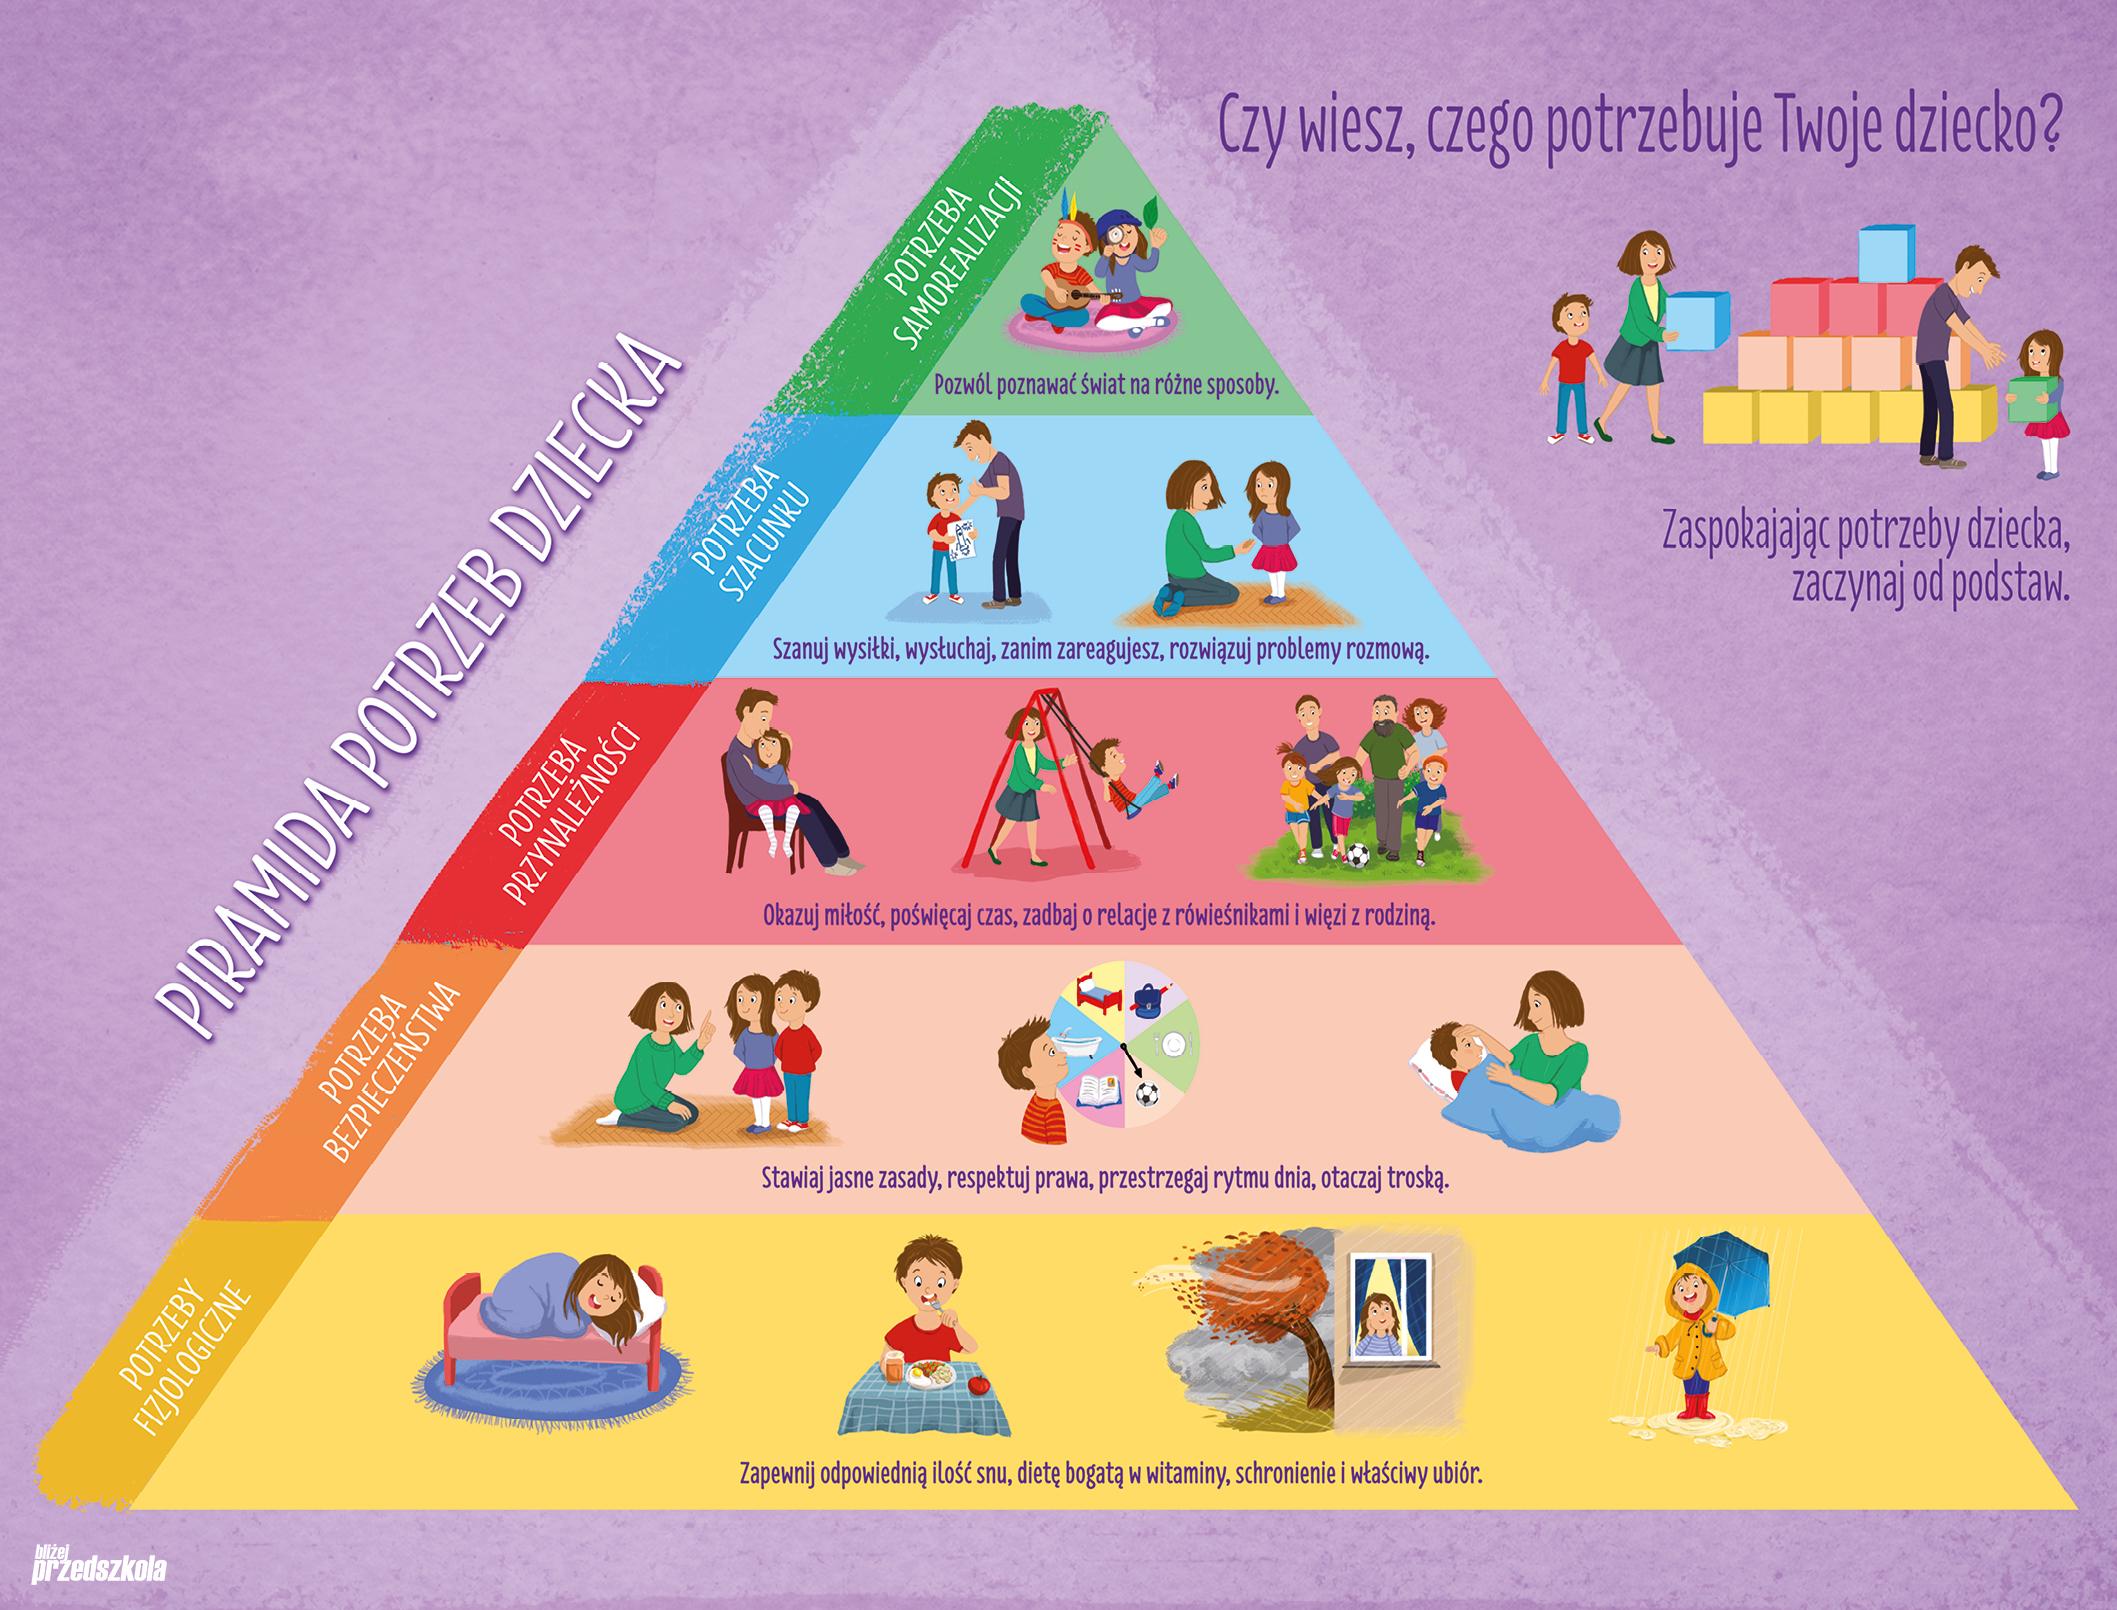 Znalezione obrazy dla zapytania piramida potrzeb dziecka